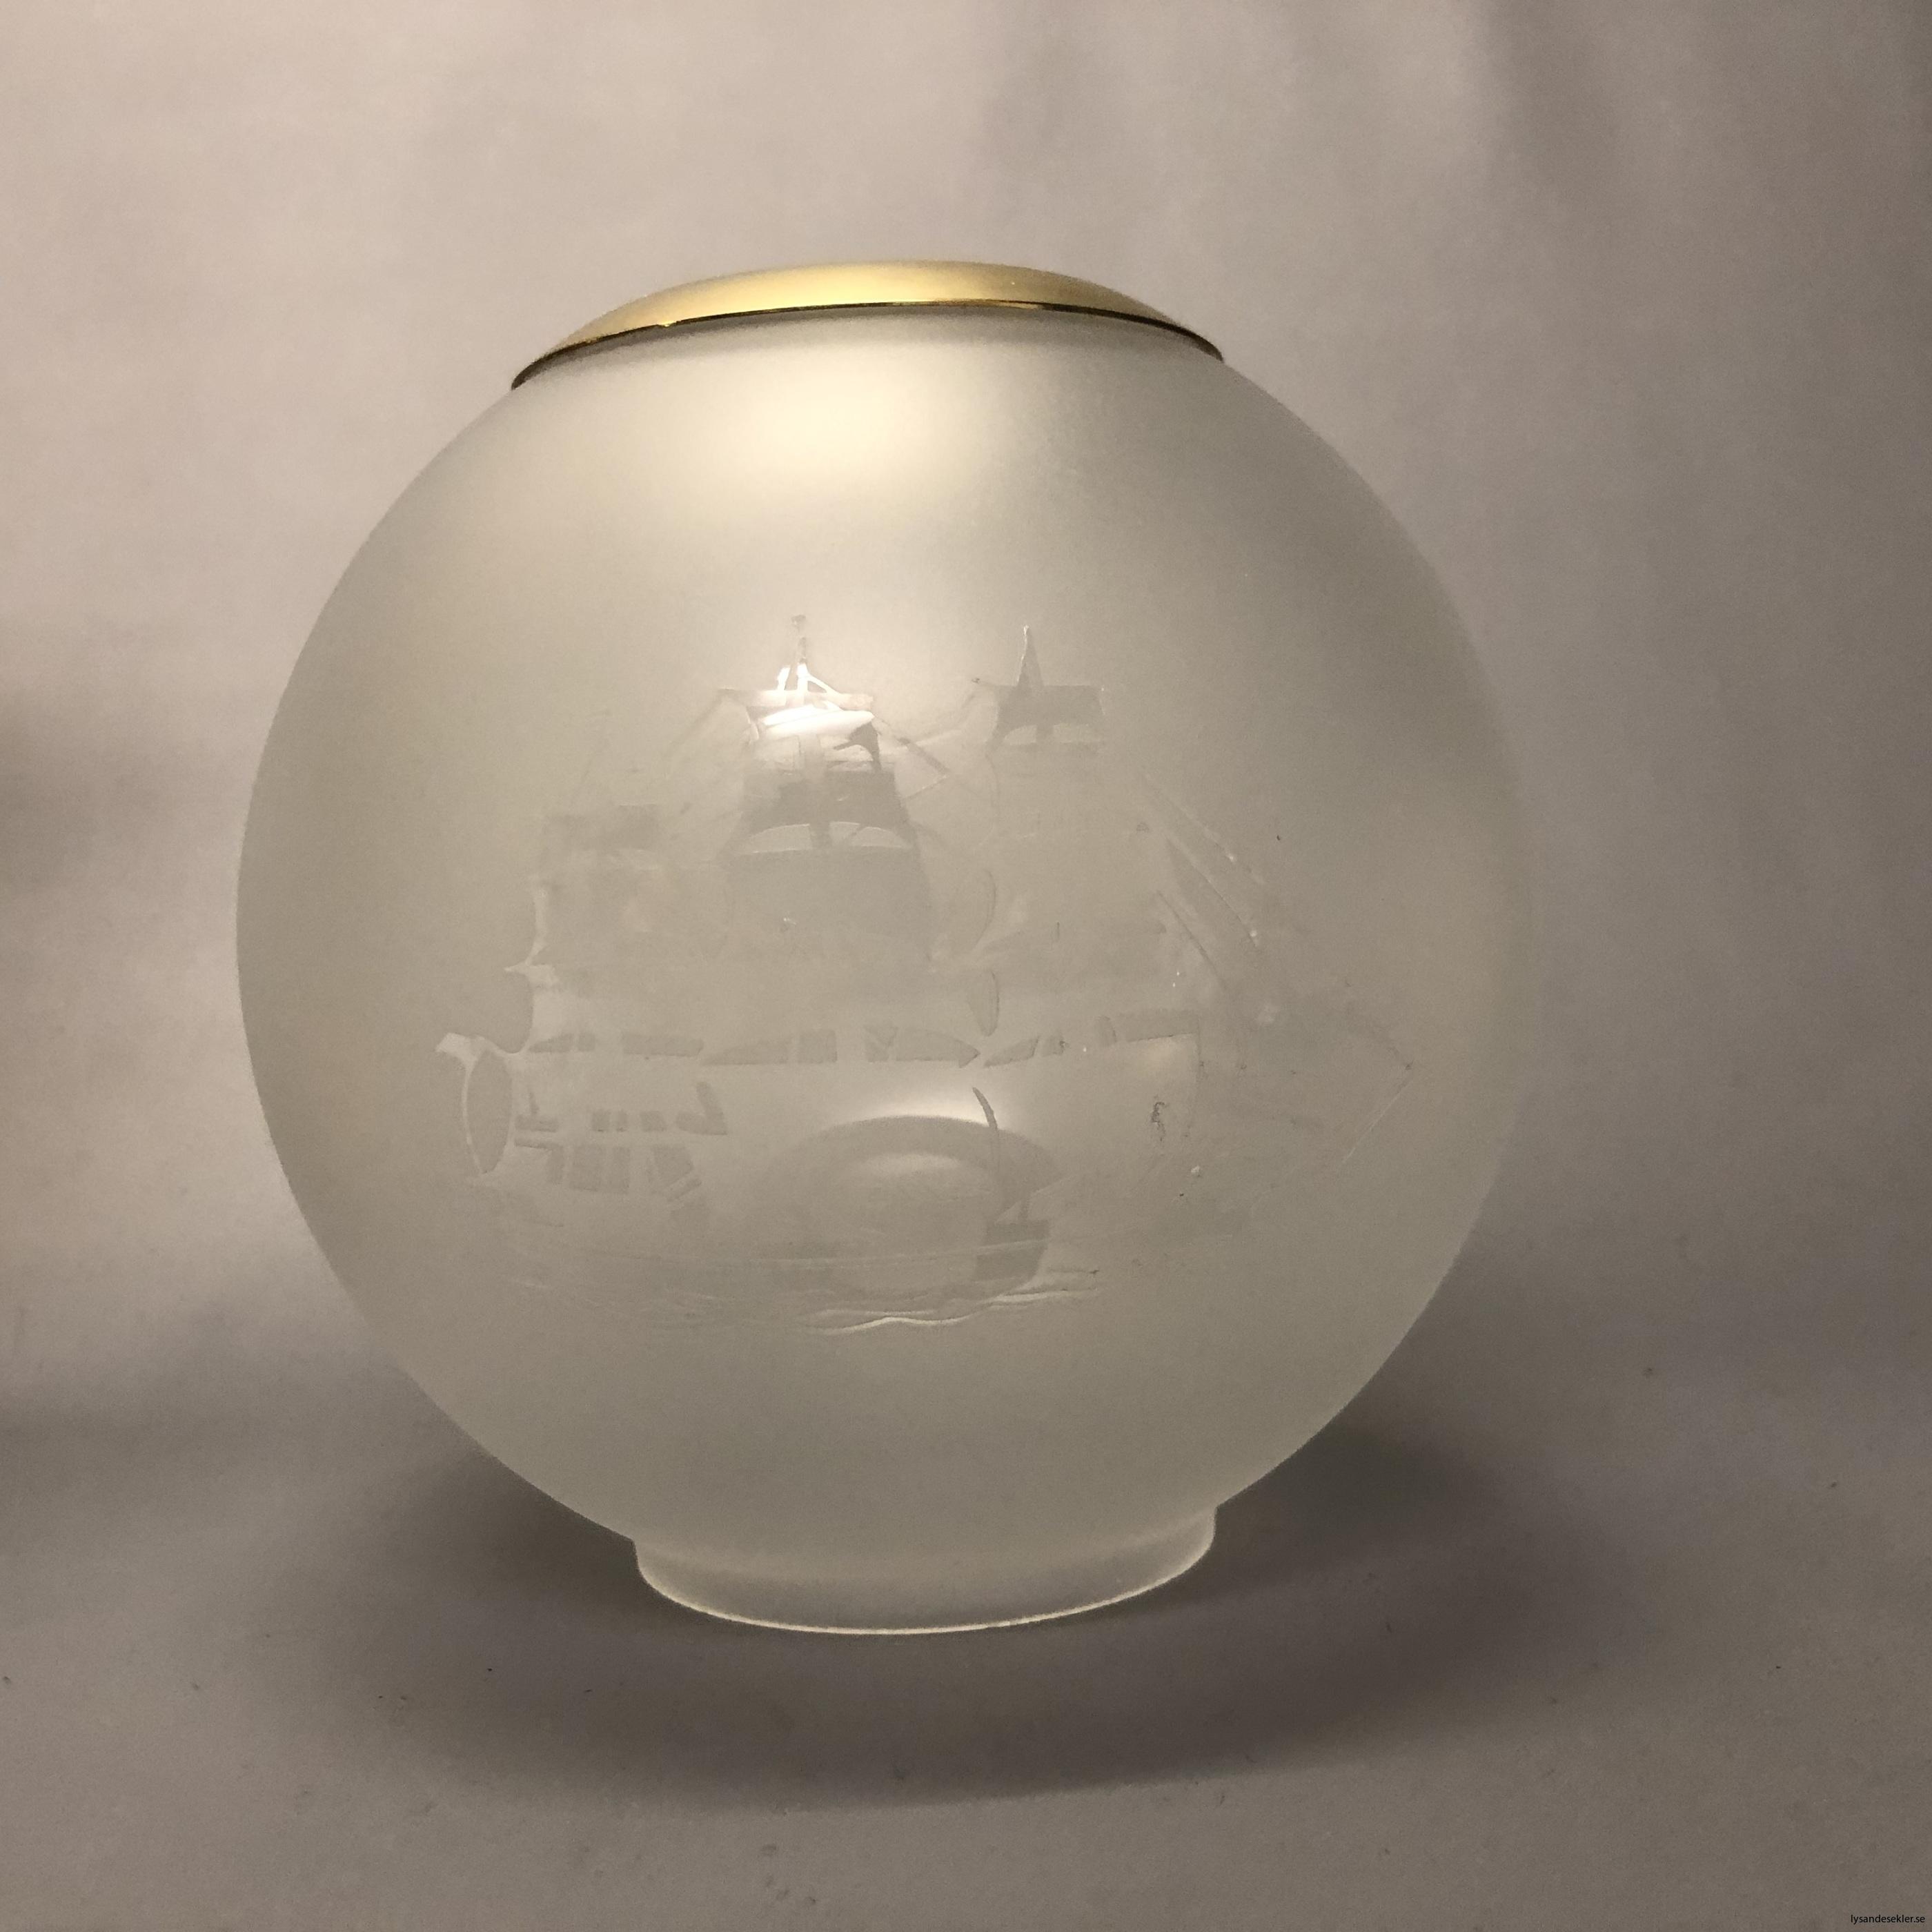 små klotkupor 135 mm till fotogenlampor dansk design12